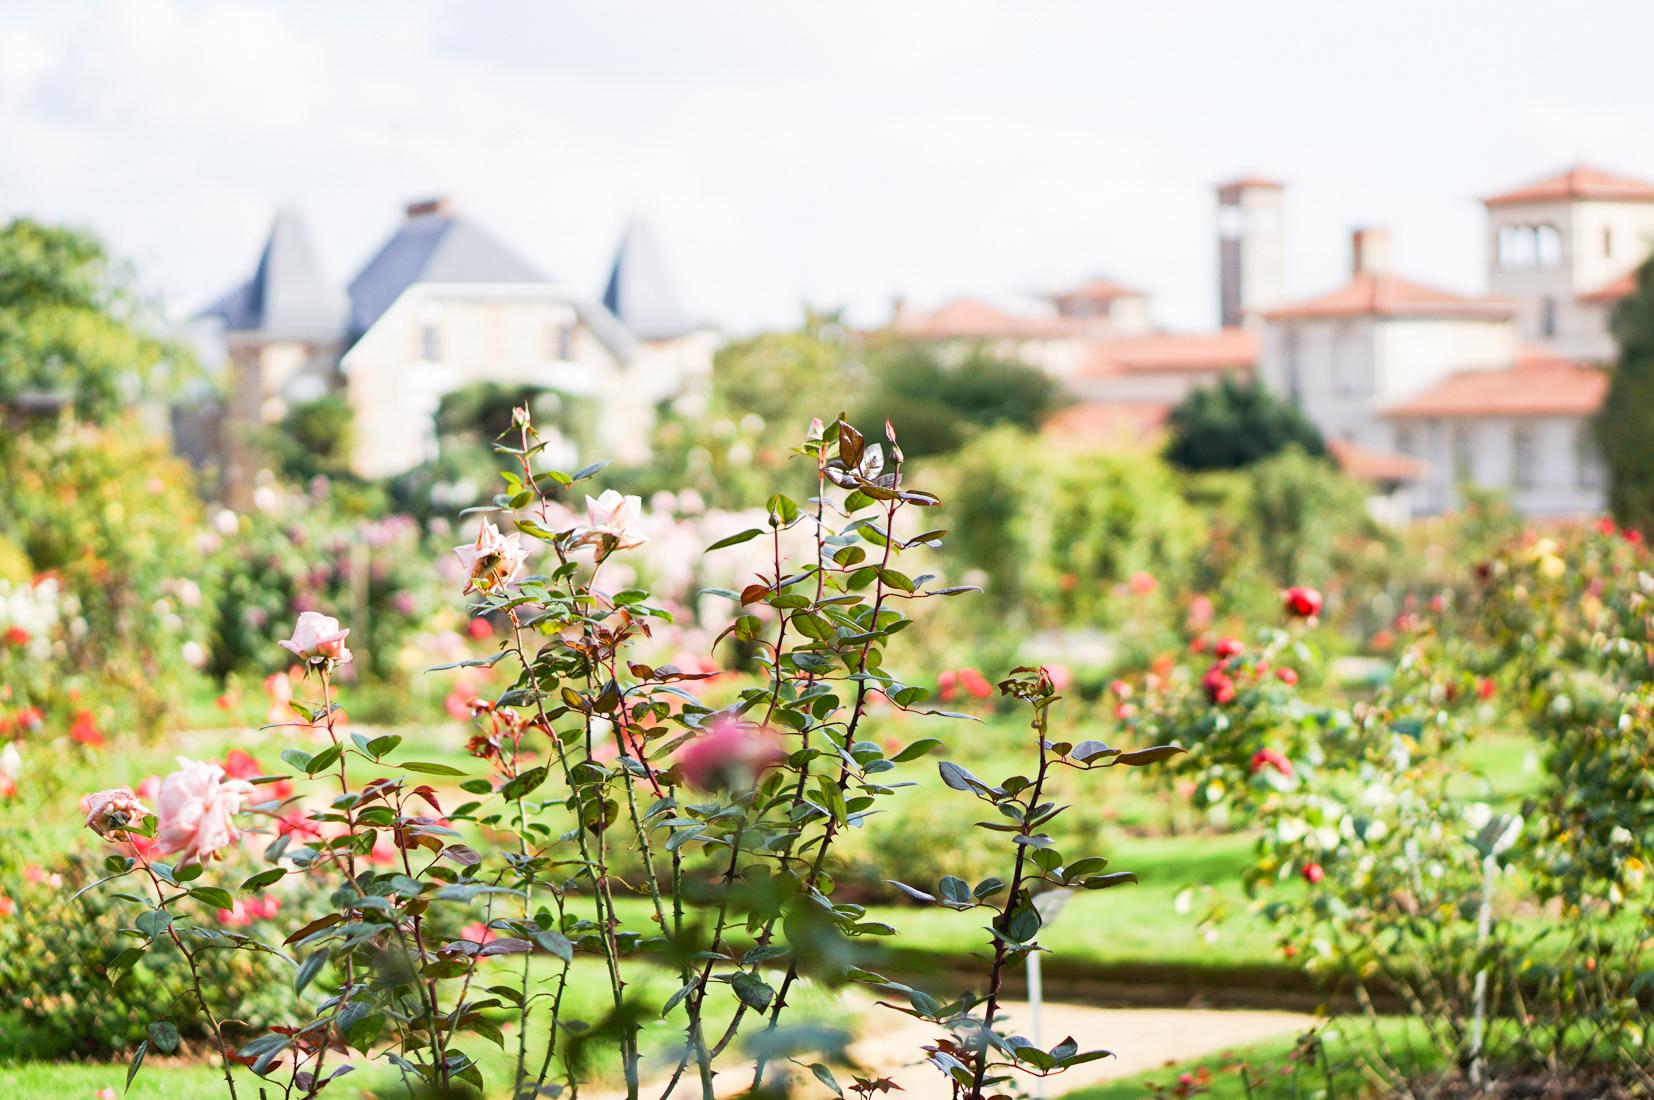 1-jardin-thabor-rennes-photo-couverture-résolutions-janvier2018-conseils-article-blog-oberthur-lifestyle-papeterie-rennes